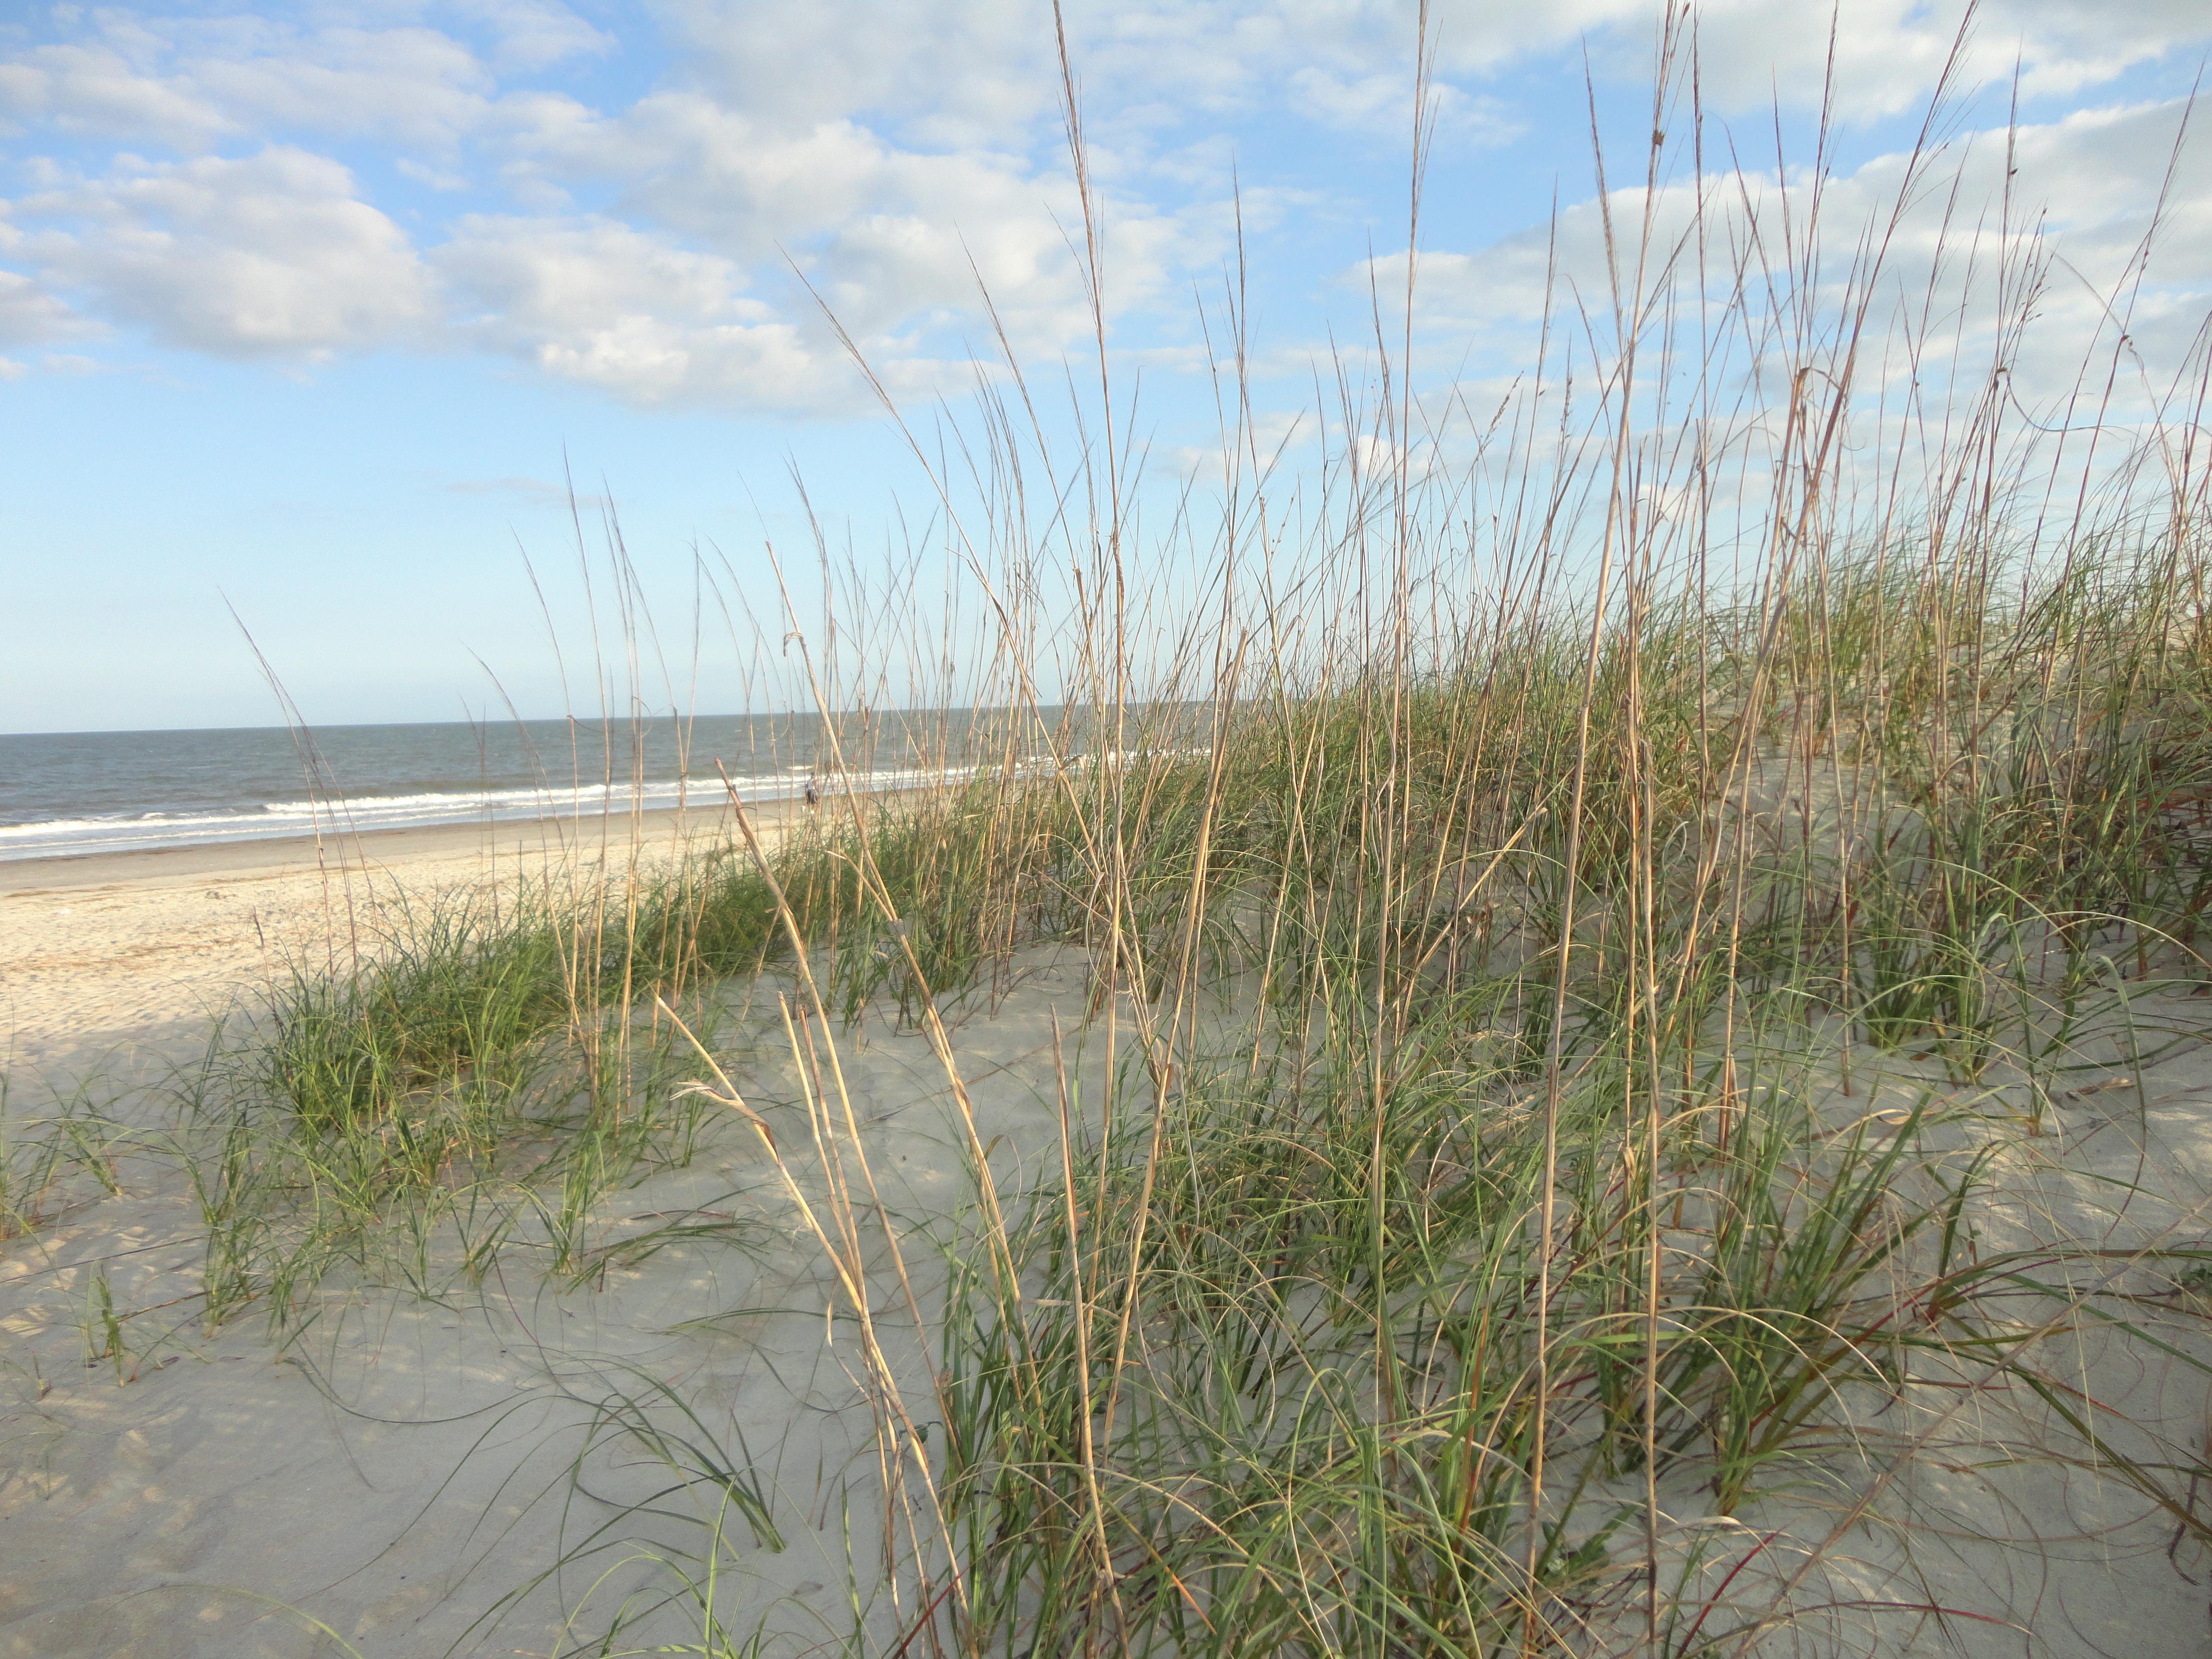 Tybee Island's sandy shores